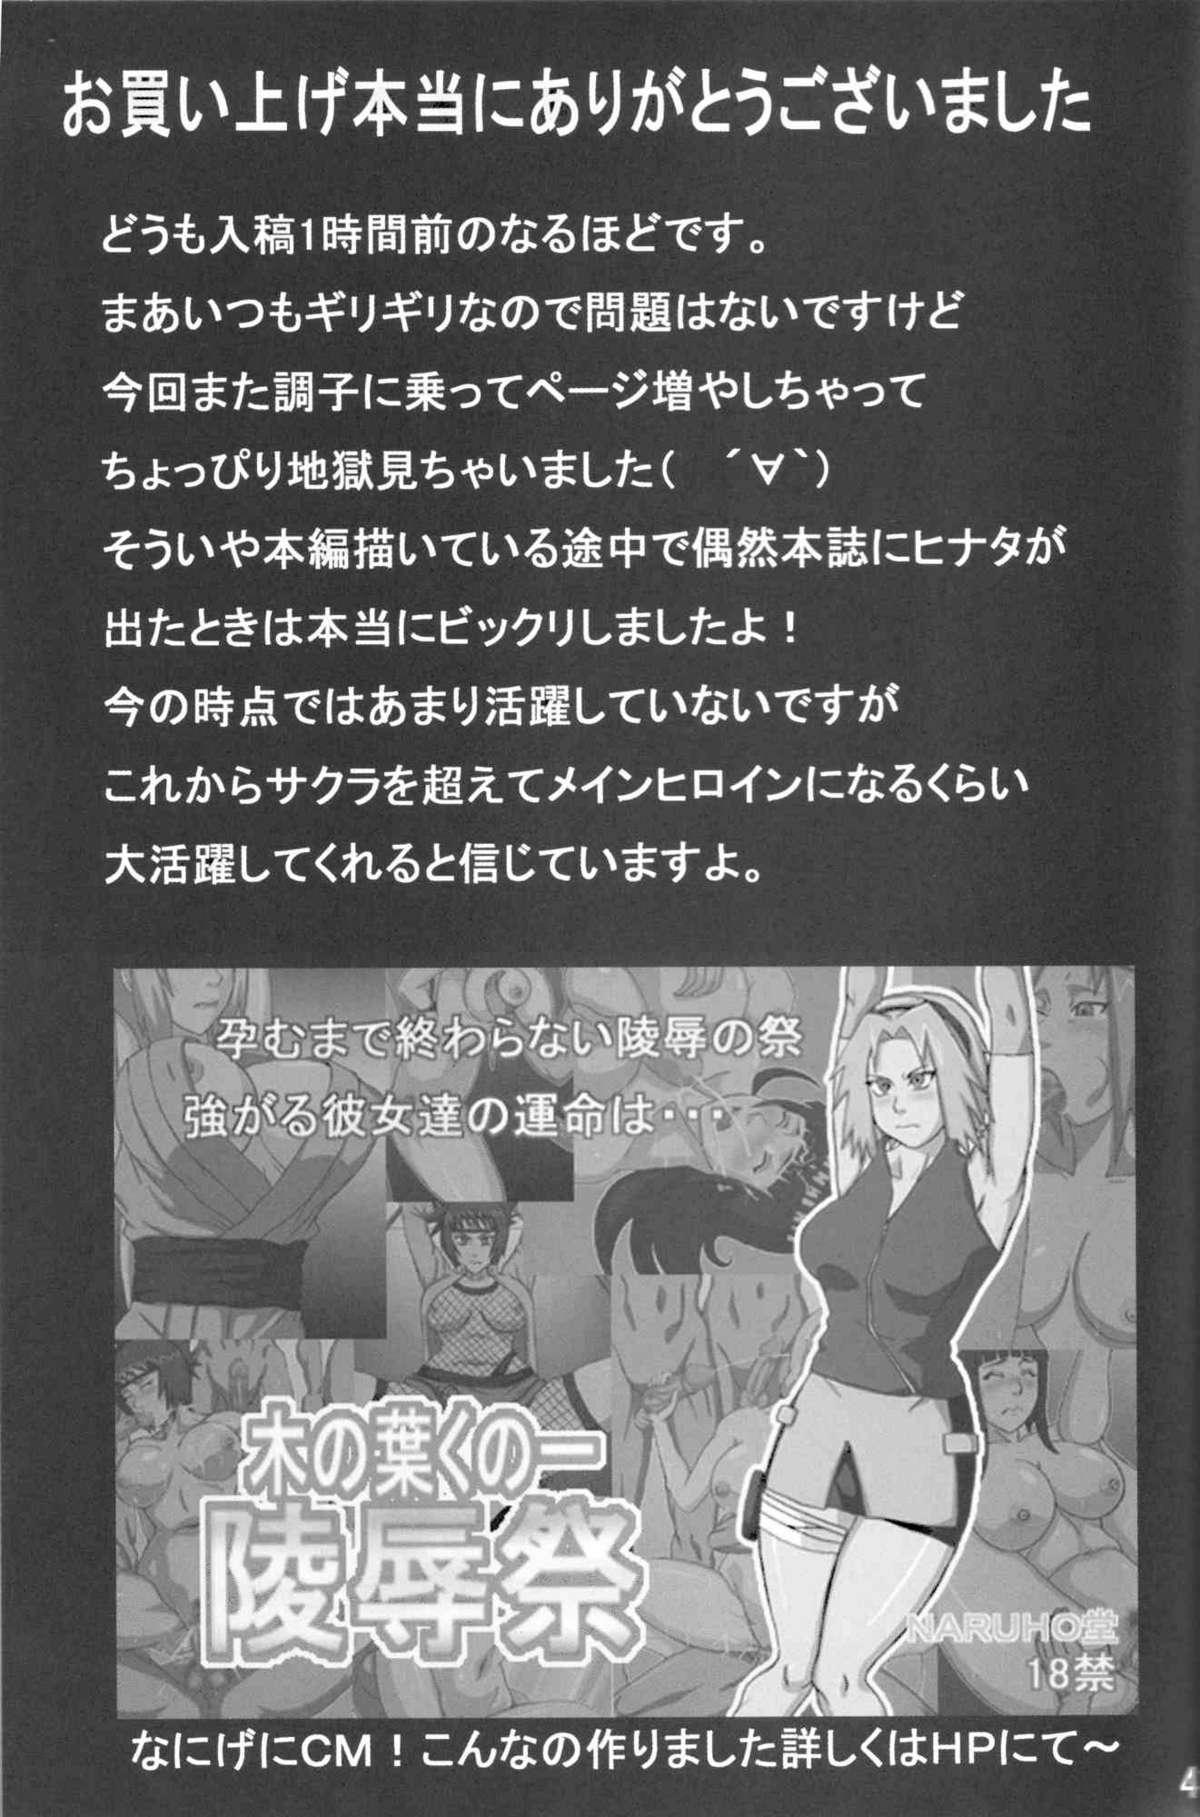 Hinata Ganbaru! | Hinata Fight! 41